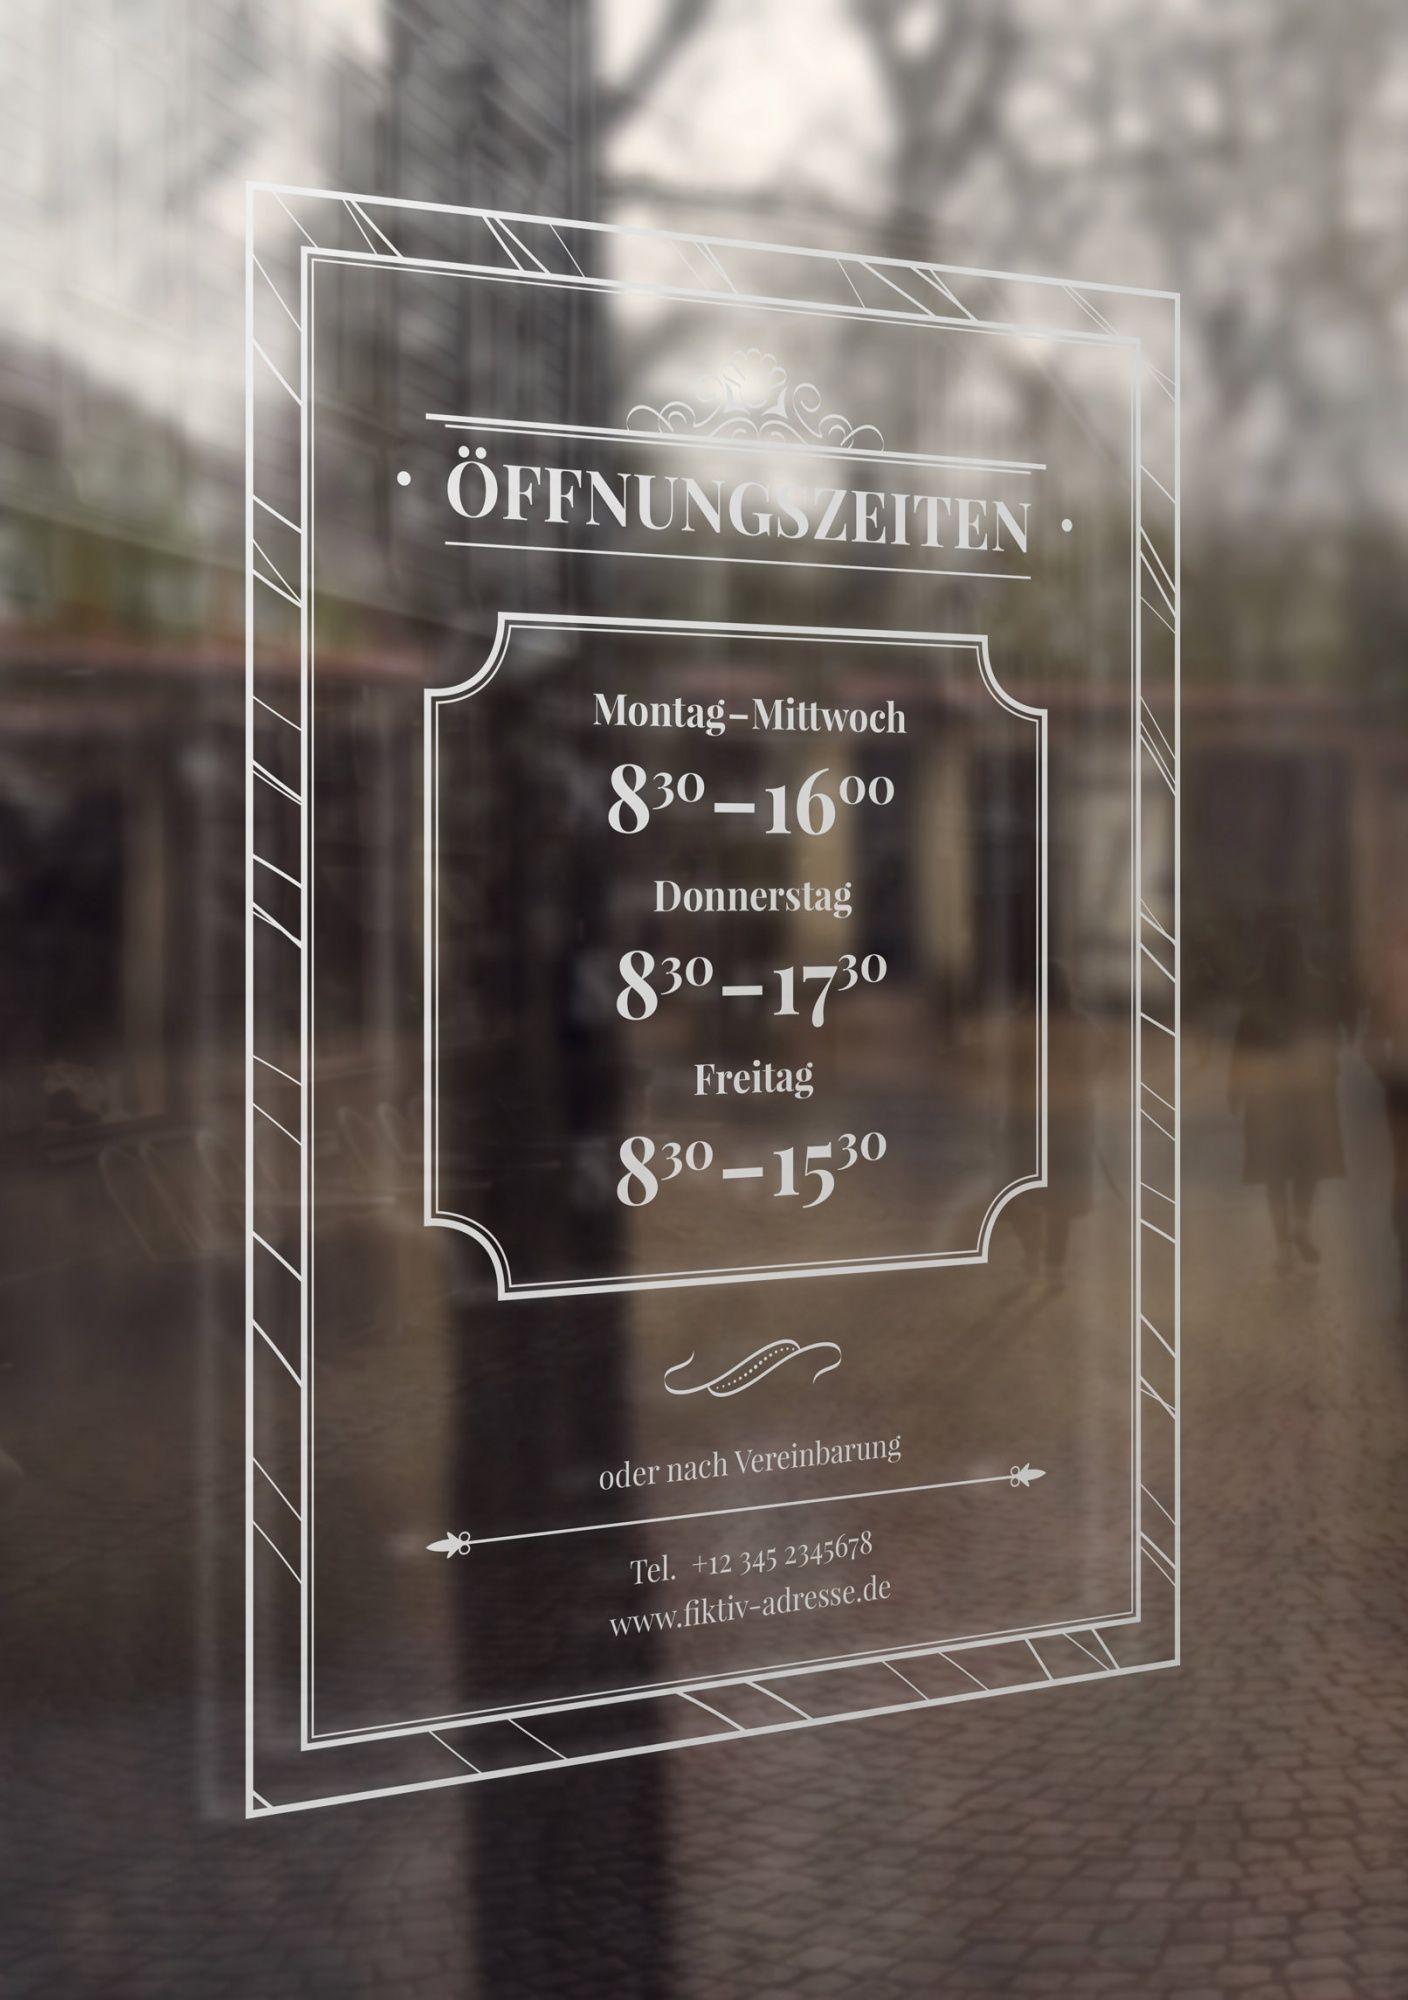 Offnungszeiten Vorlagen Fur Schild Aushang Ladenschilder Restaurant Beschilderung Cafe Schild